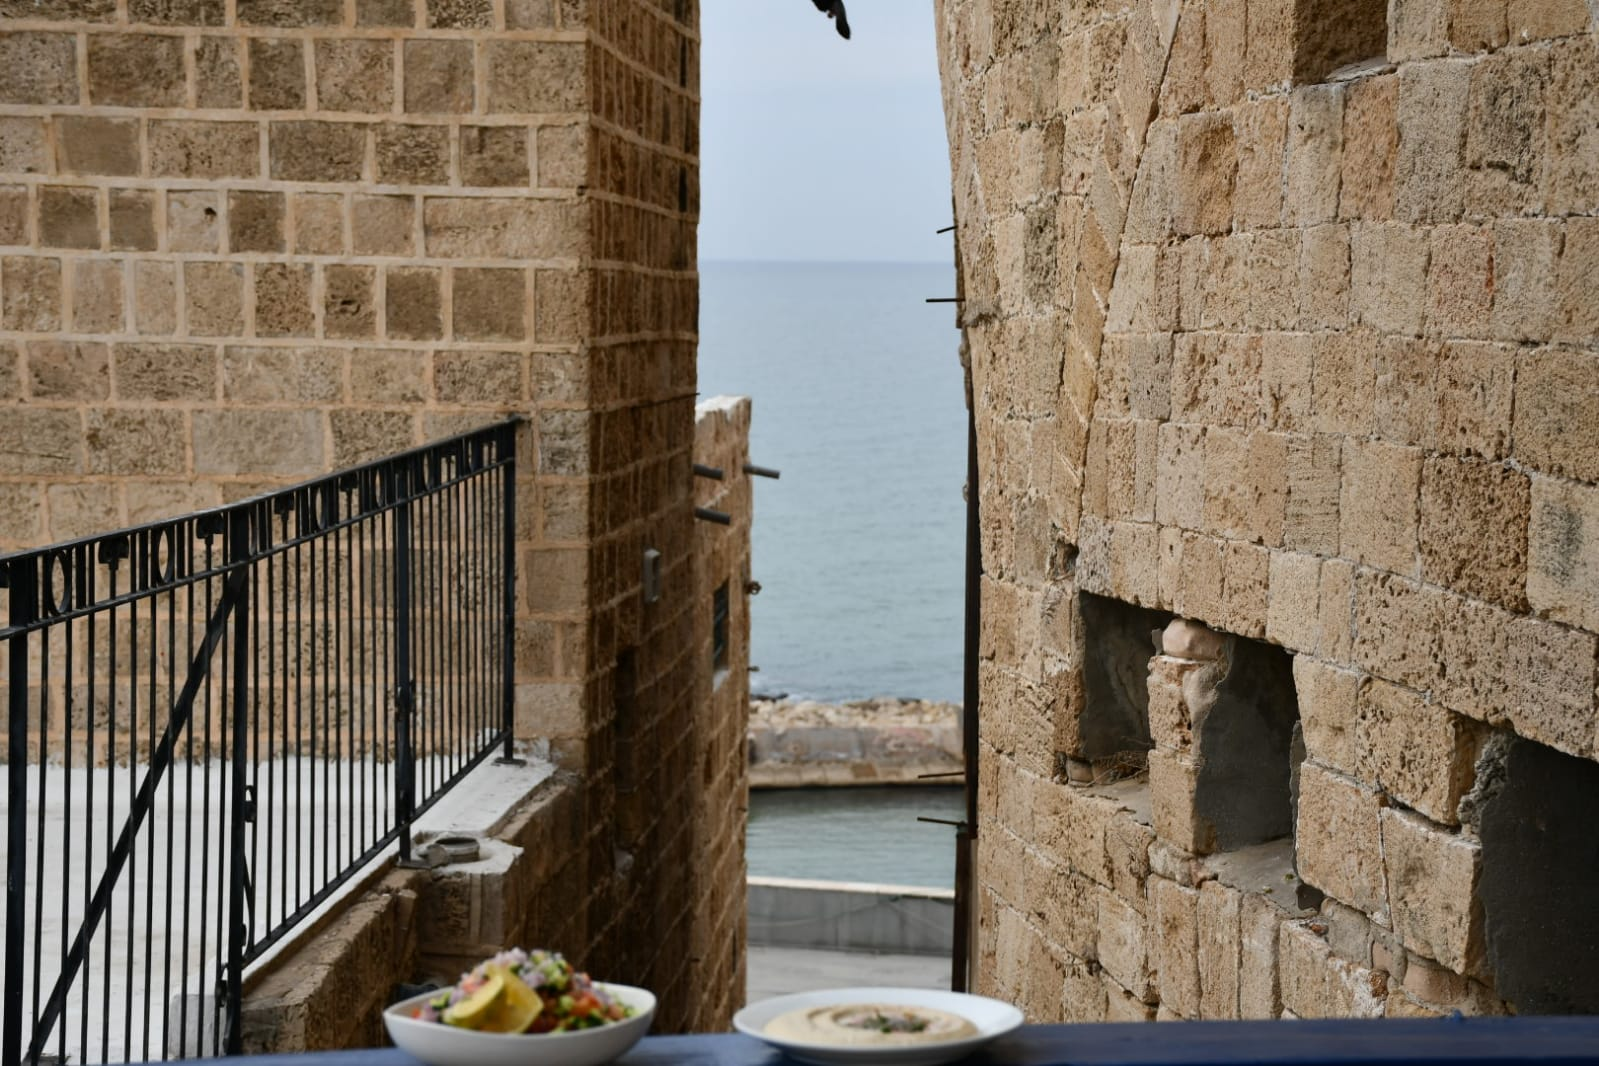 تناولوا وجبة بحرية مميزة في مطعم أبراج فقط بـ 250 شيكل للزوج